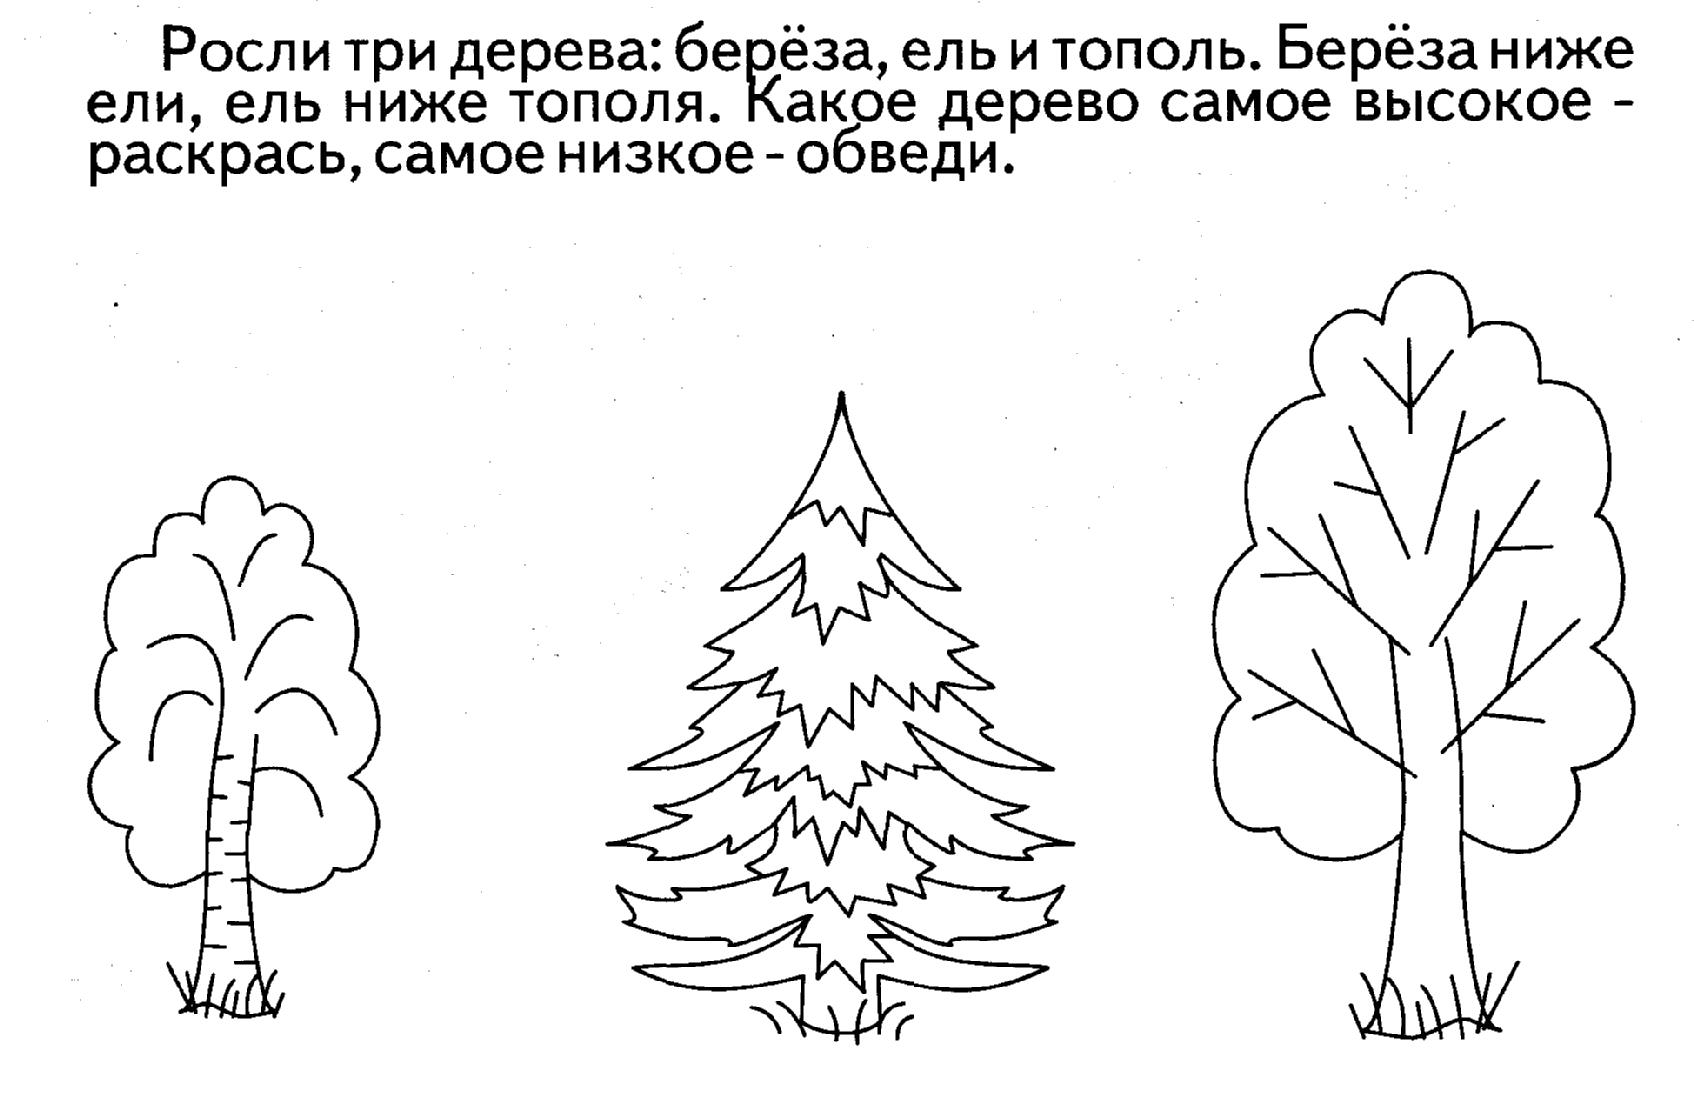 картинки с контурным изображением деревьев универсальный пошаговый рецепт